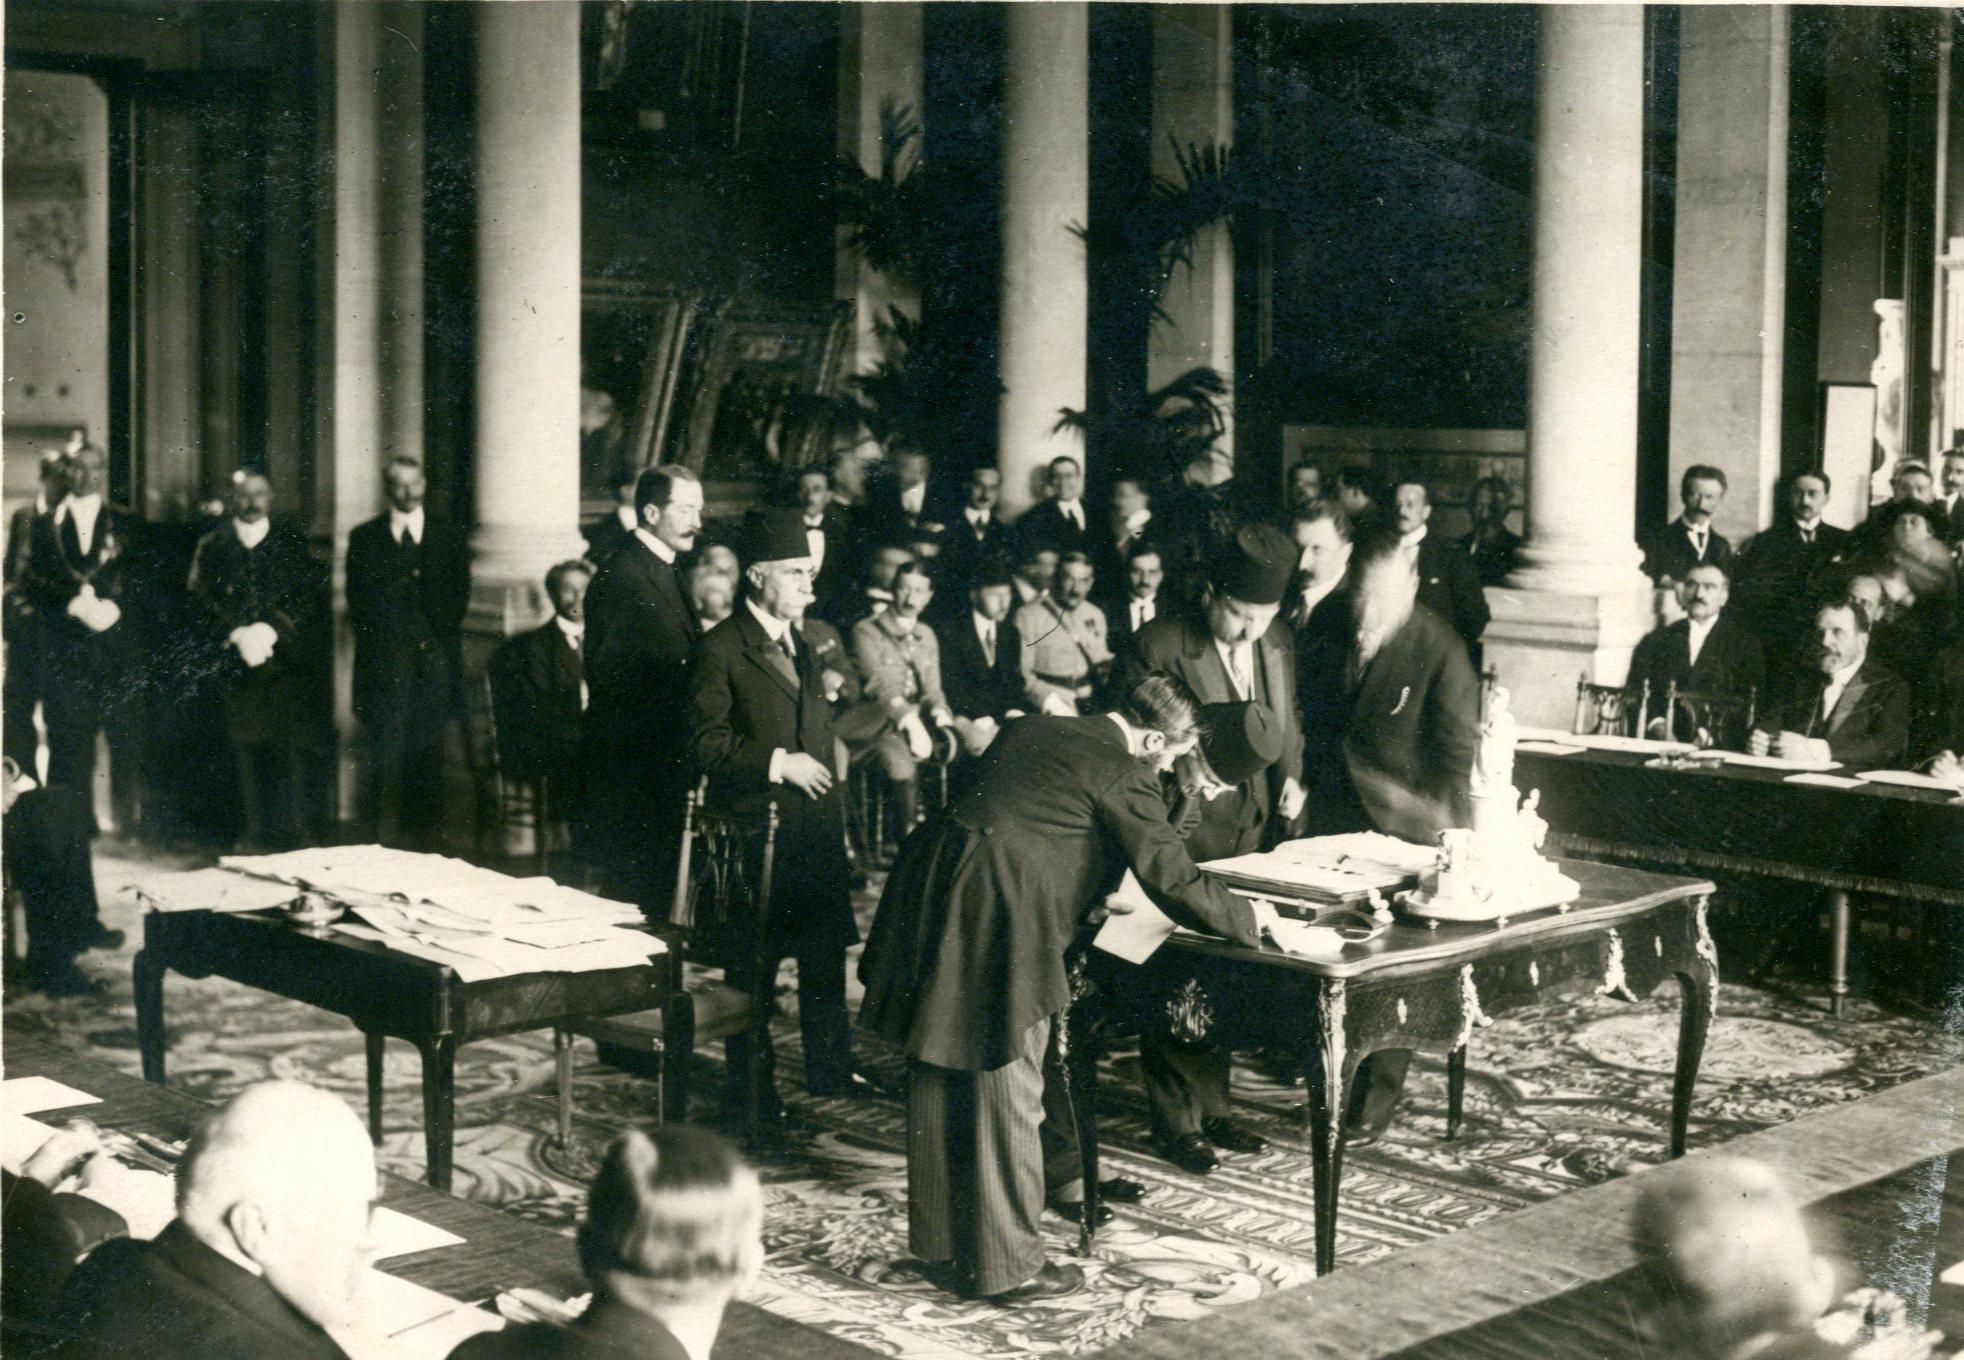 Sevr Antlaşmasını imzalamak ile görevlendirilen Reşad Halis ve Rıza Tevfik Beyler ile Hâdi Paşa, sırayla antlaşma menünü imza ederlerken.